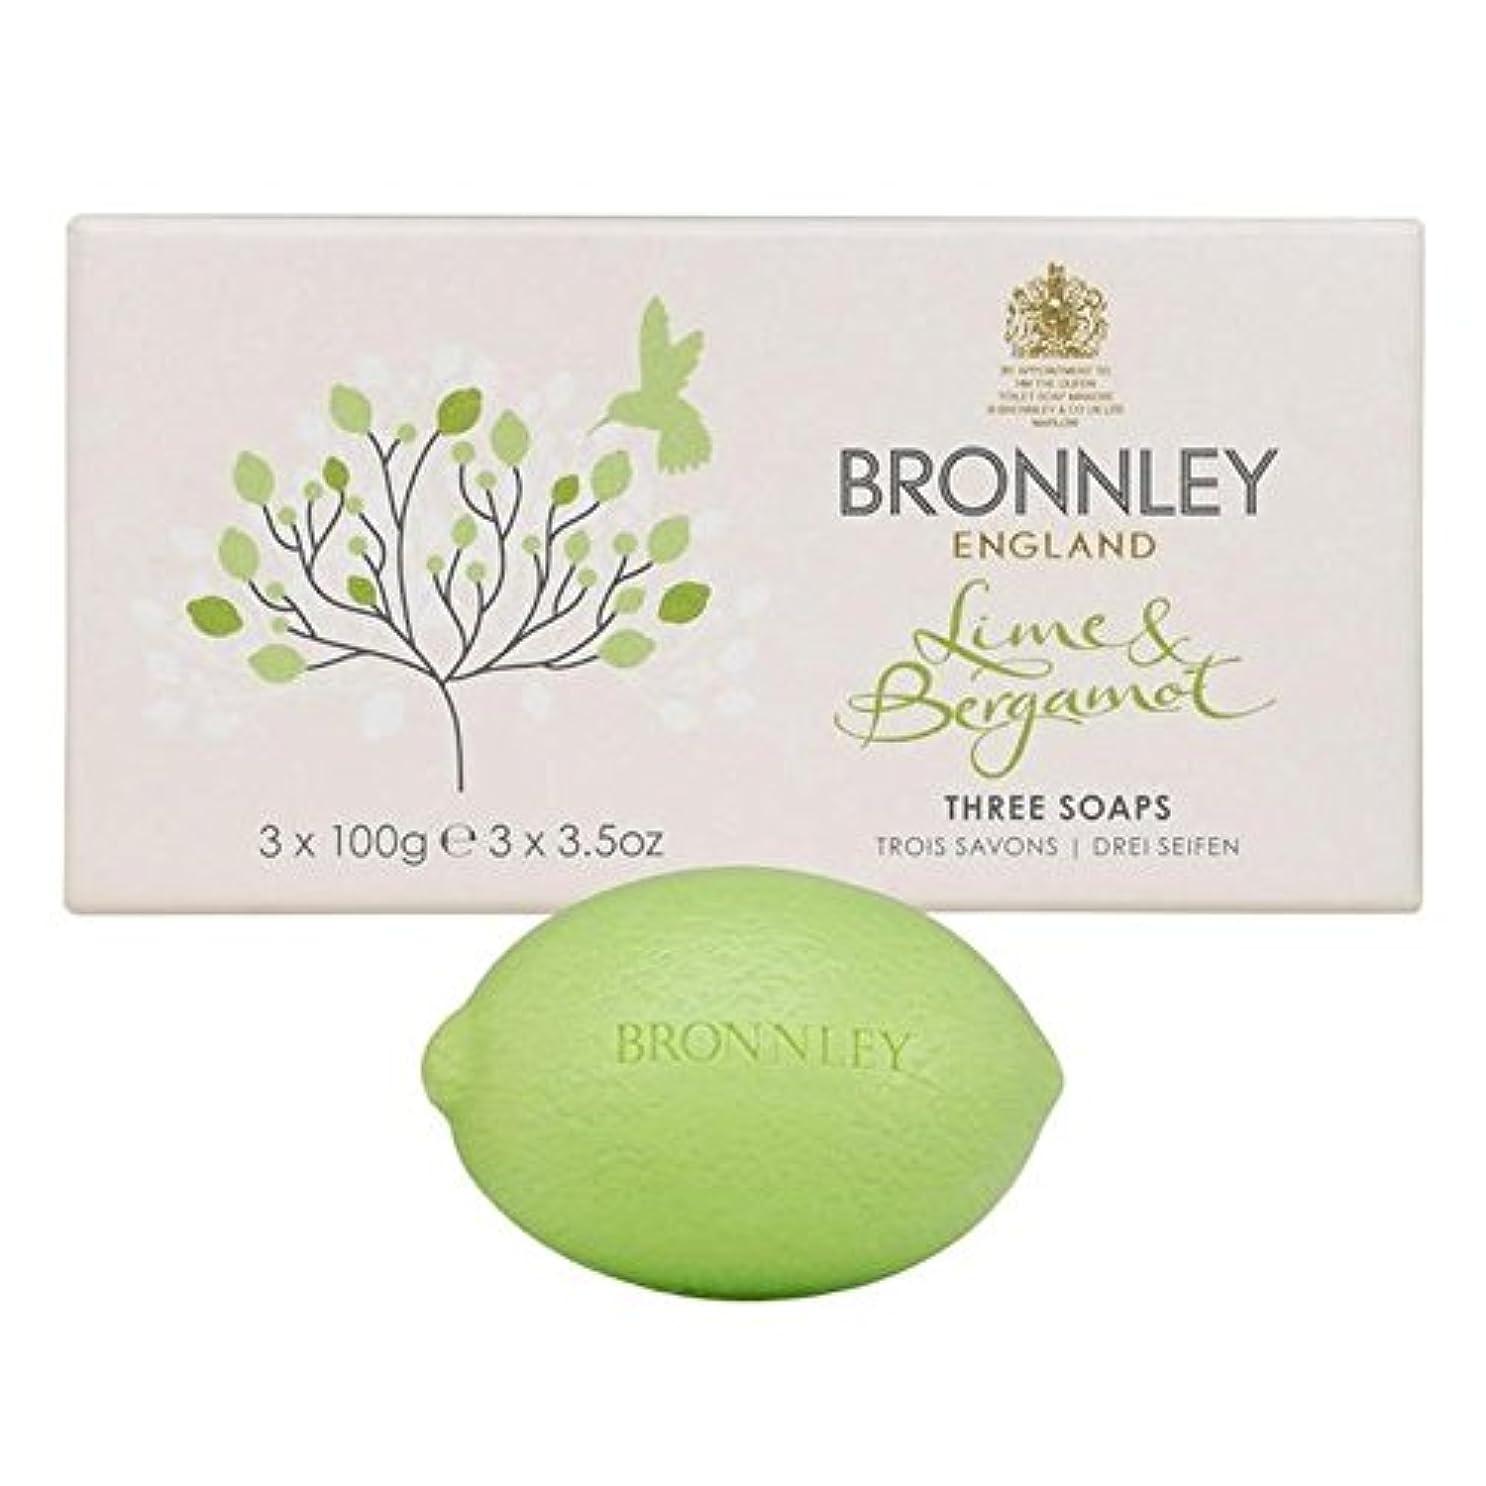 シードなしで略語ライム&ベルガモット石鹸3×100グラム x2 - Bronnley Lime & Bergamot Soap 3 x 100g (Pack of 2) [並行輸入品]